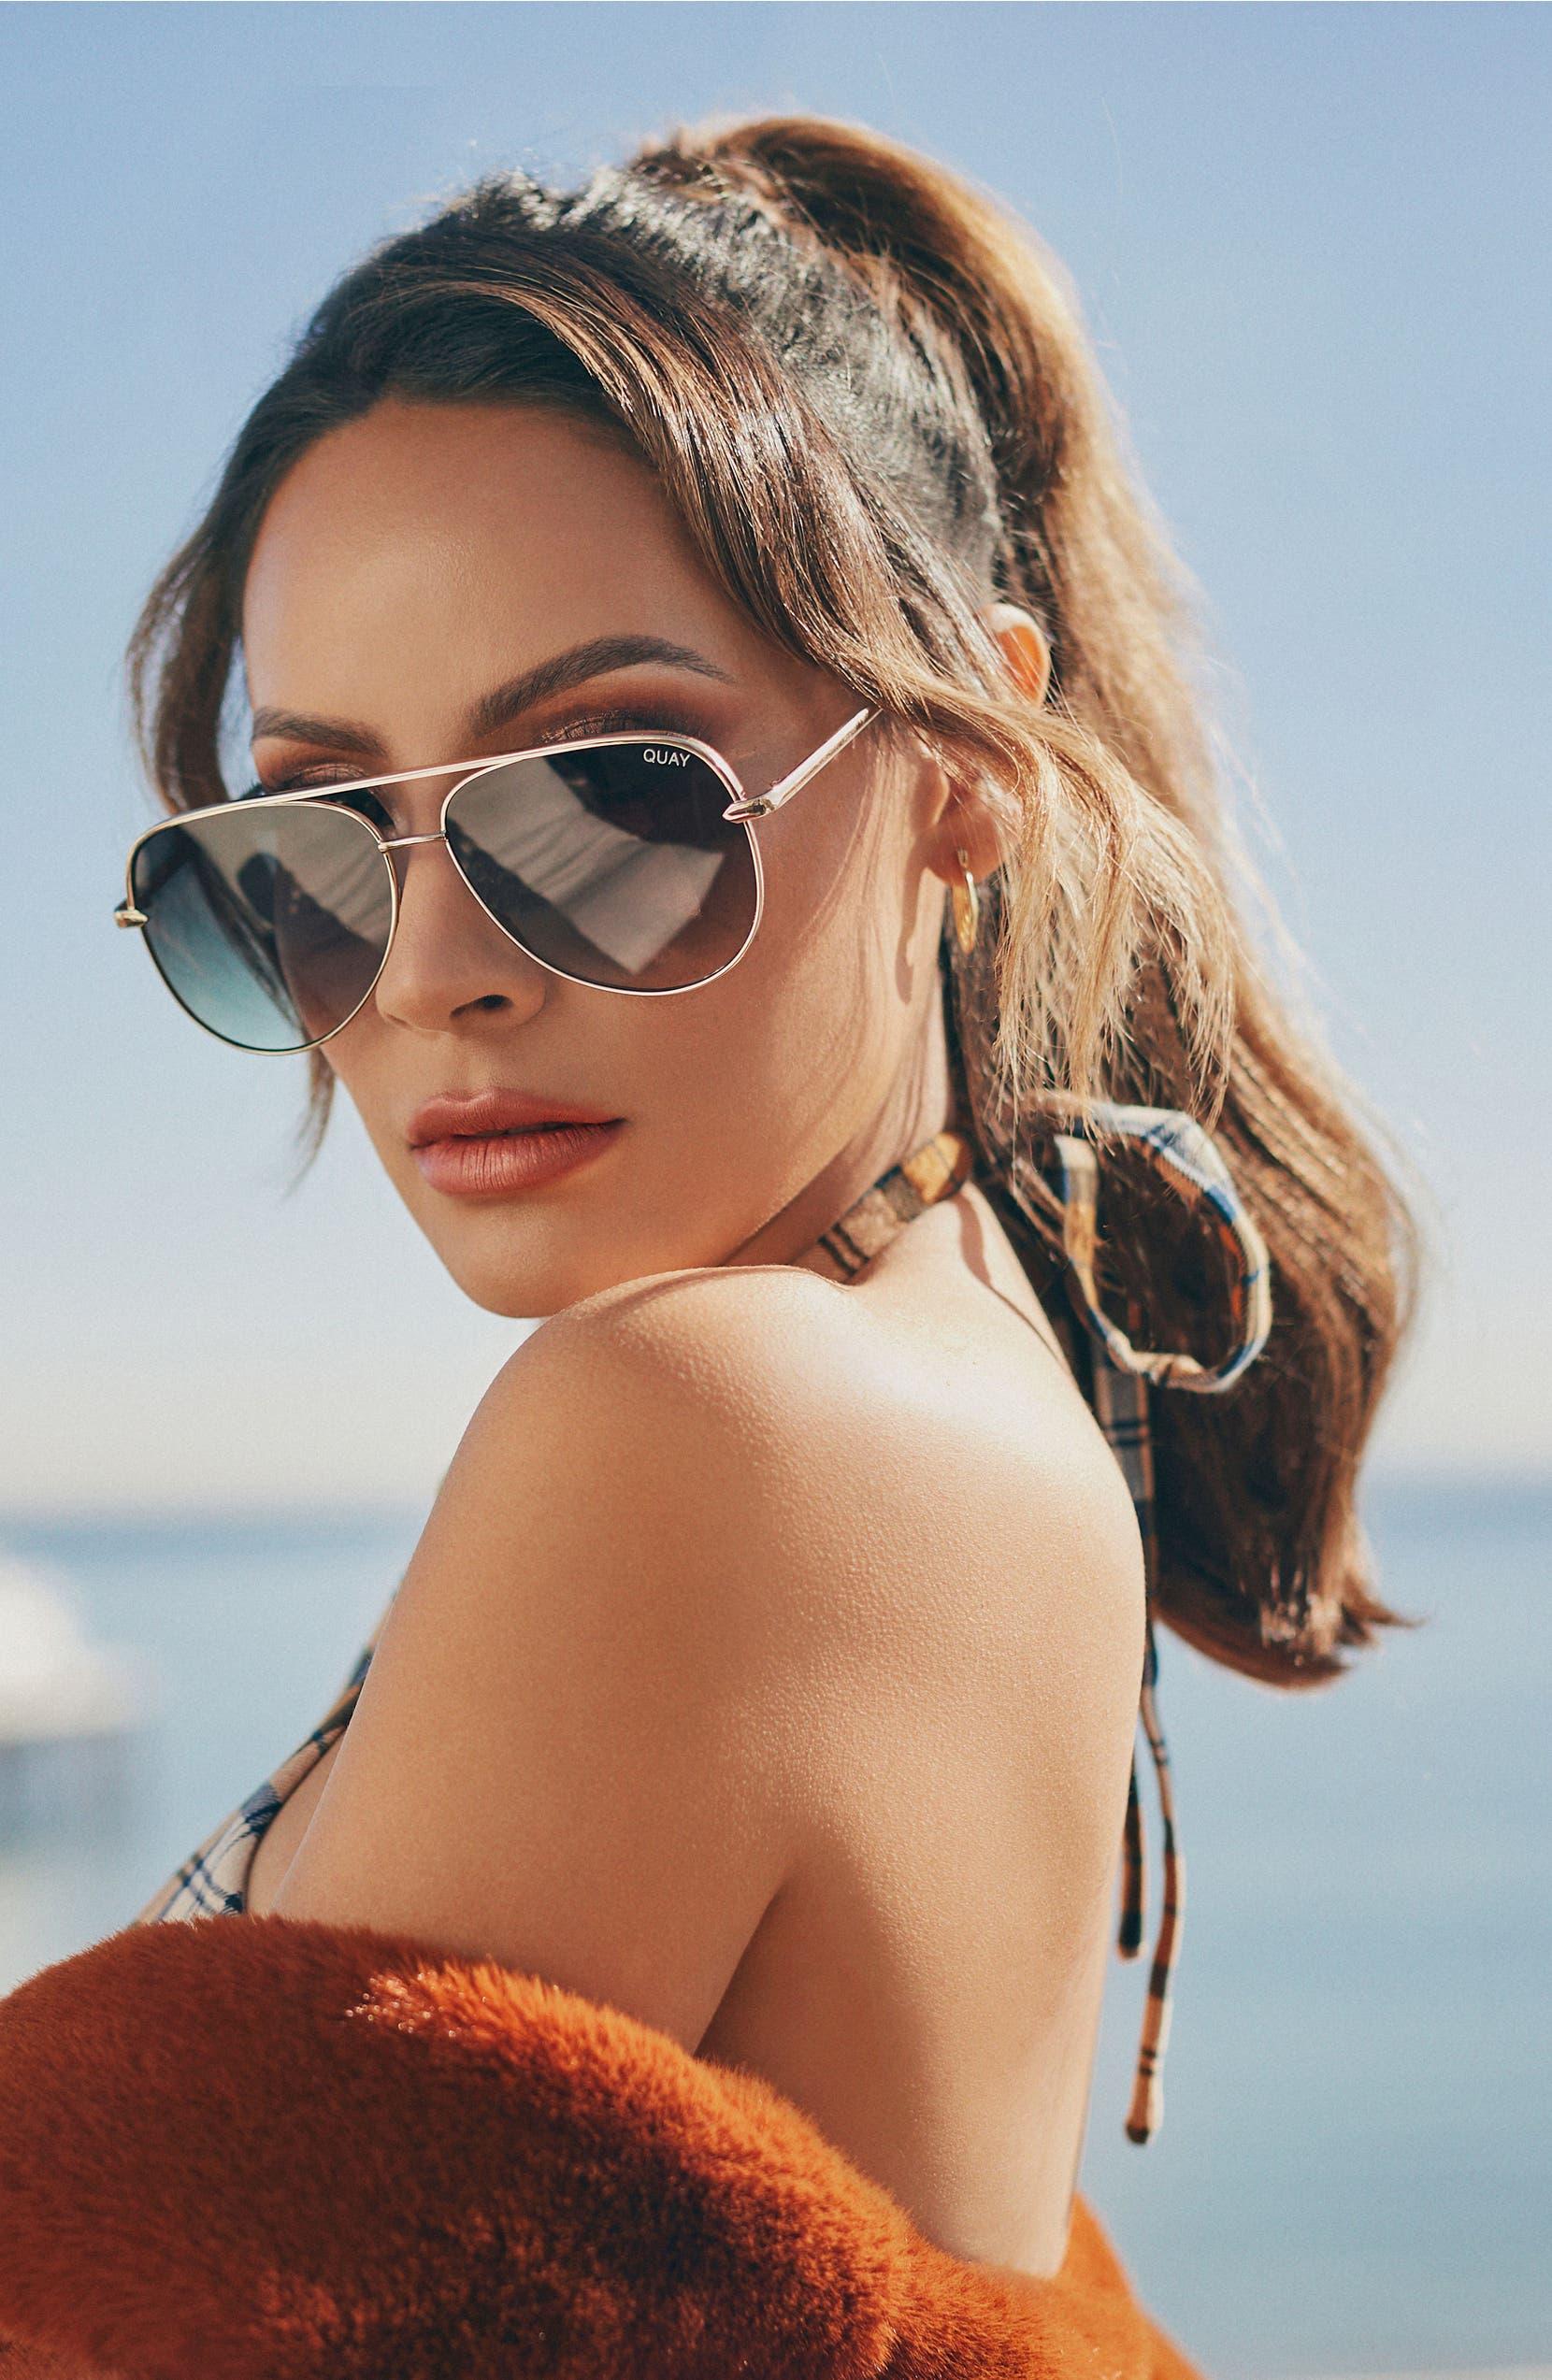 a617d584152 Quay Australia x Desi Perkins Sahara 60mm Aviator Sunglasses